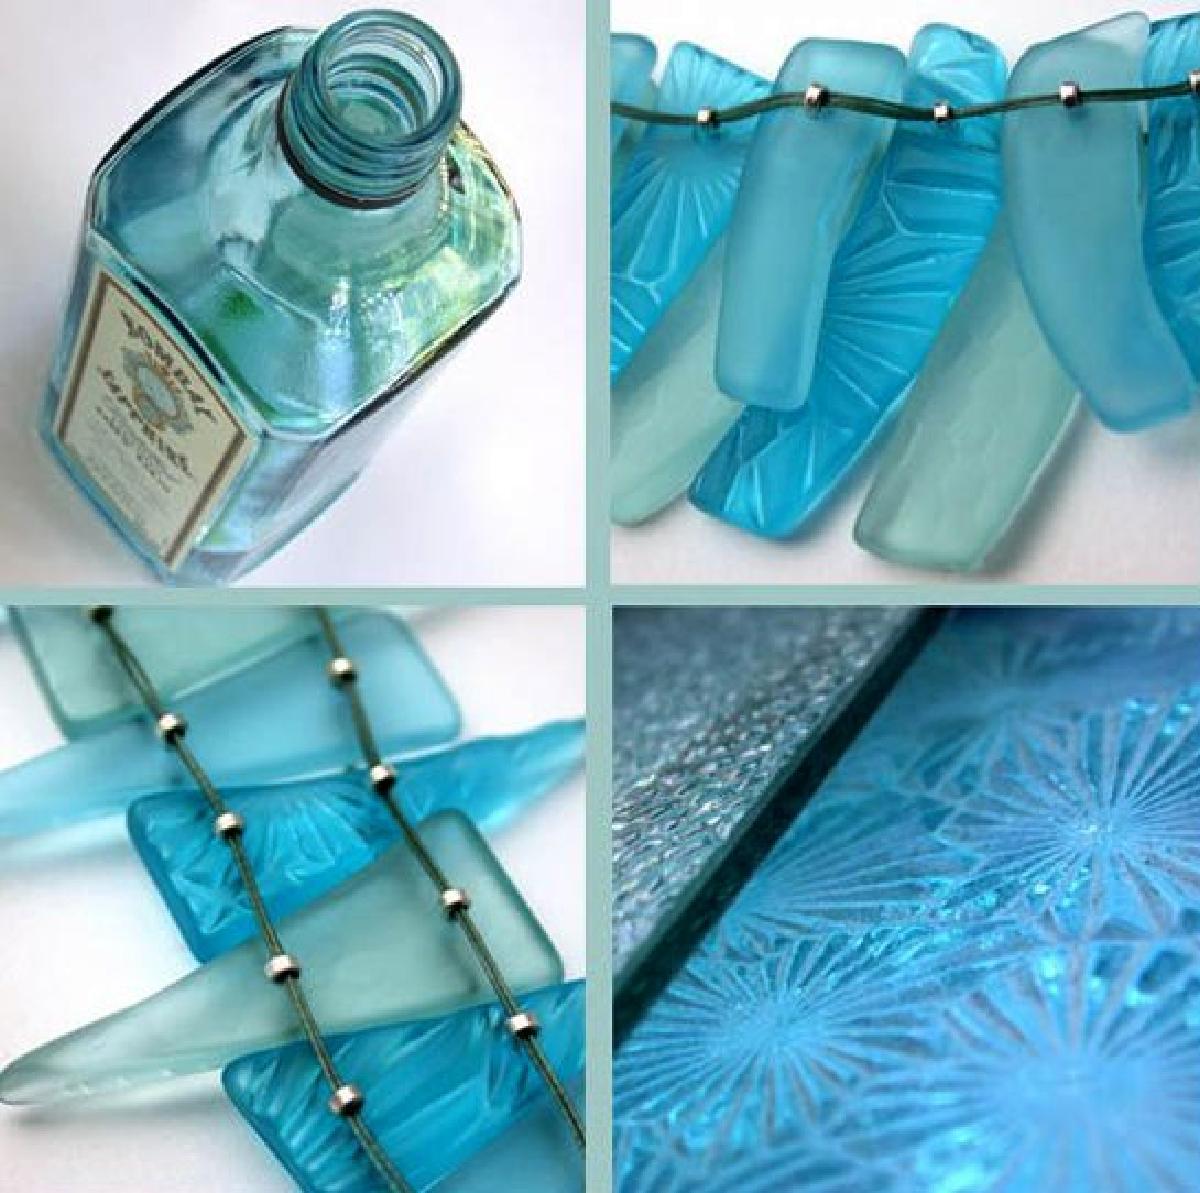 riciclare bicchieri rotti